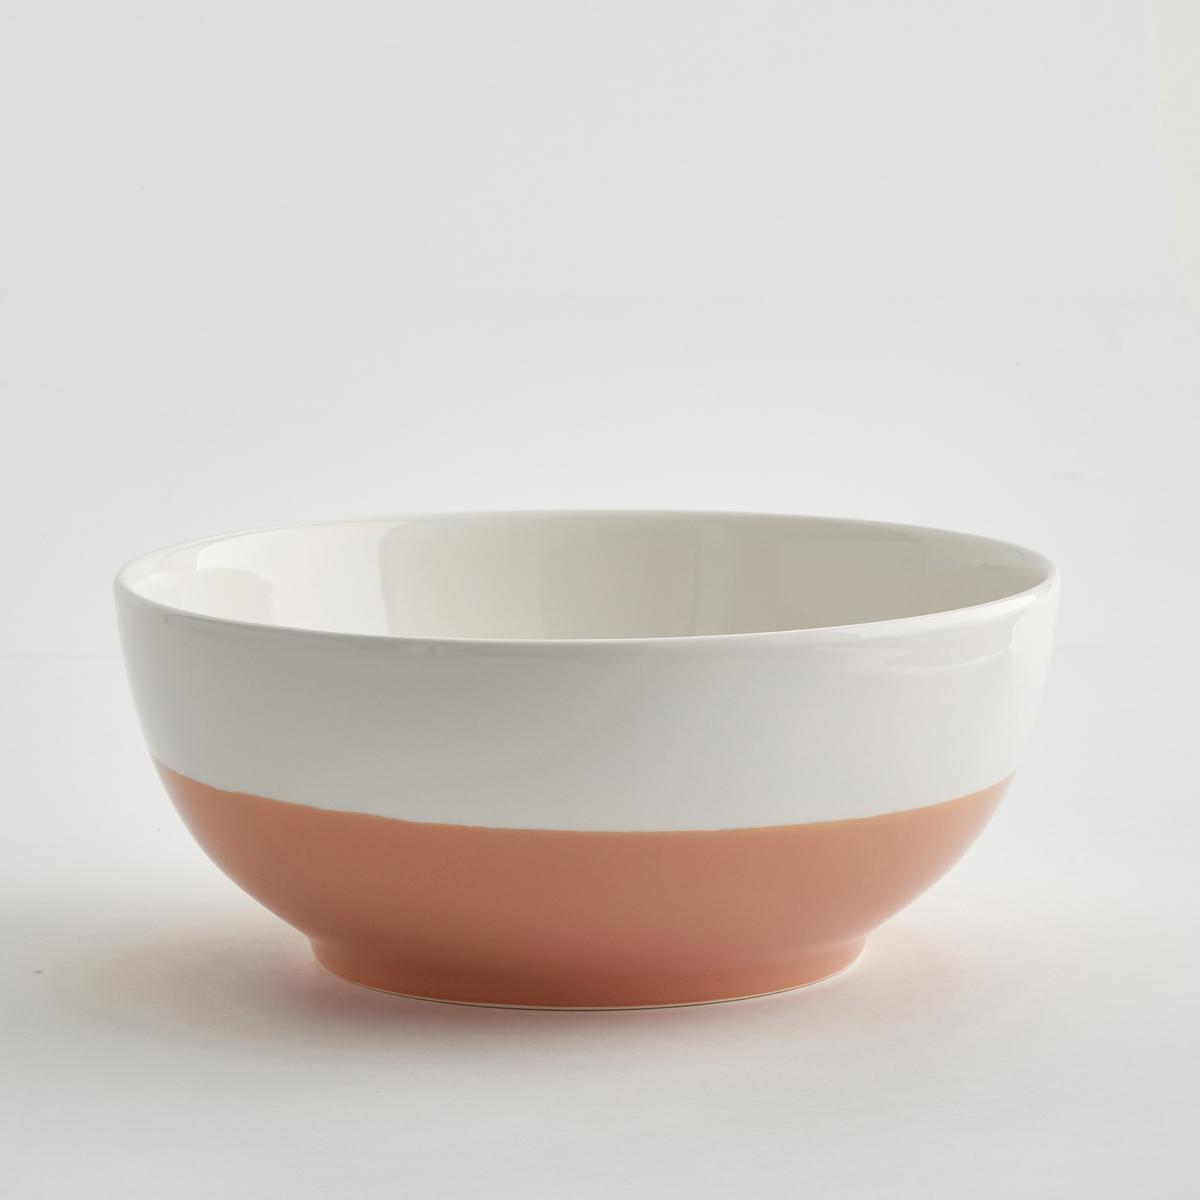 Салатница двухцветная из керамики, ZalatoМинималистический дизайн, большой объем, в аутентичном стиле : салатница Zalato привлекает своей функциональностью и объемом и сочетается с внутренним декором.Характеристики двухцветной салатницы из керамики Zalato :Из керамики.Размеры двухцветной салатницы из керамики Zalato :Высота : 11 см.Диаметр. внизу : 16 см.Диаметр. вверху : 28 см.Цвета двухцветной салатницы из керамики Zalato :Белый / синий.Белый / розовый.Белый / зеленый.  Другие салатницы и предметы декора стола вы можете найти на сайте laredoute.ru<br><br>Цвет: белый + светло-зеленый,белый/ розовая пудра,белый/синий глубокий